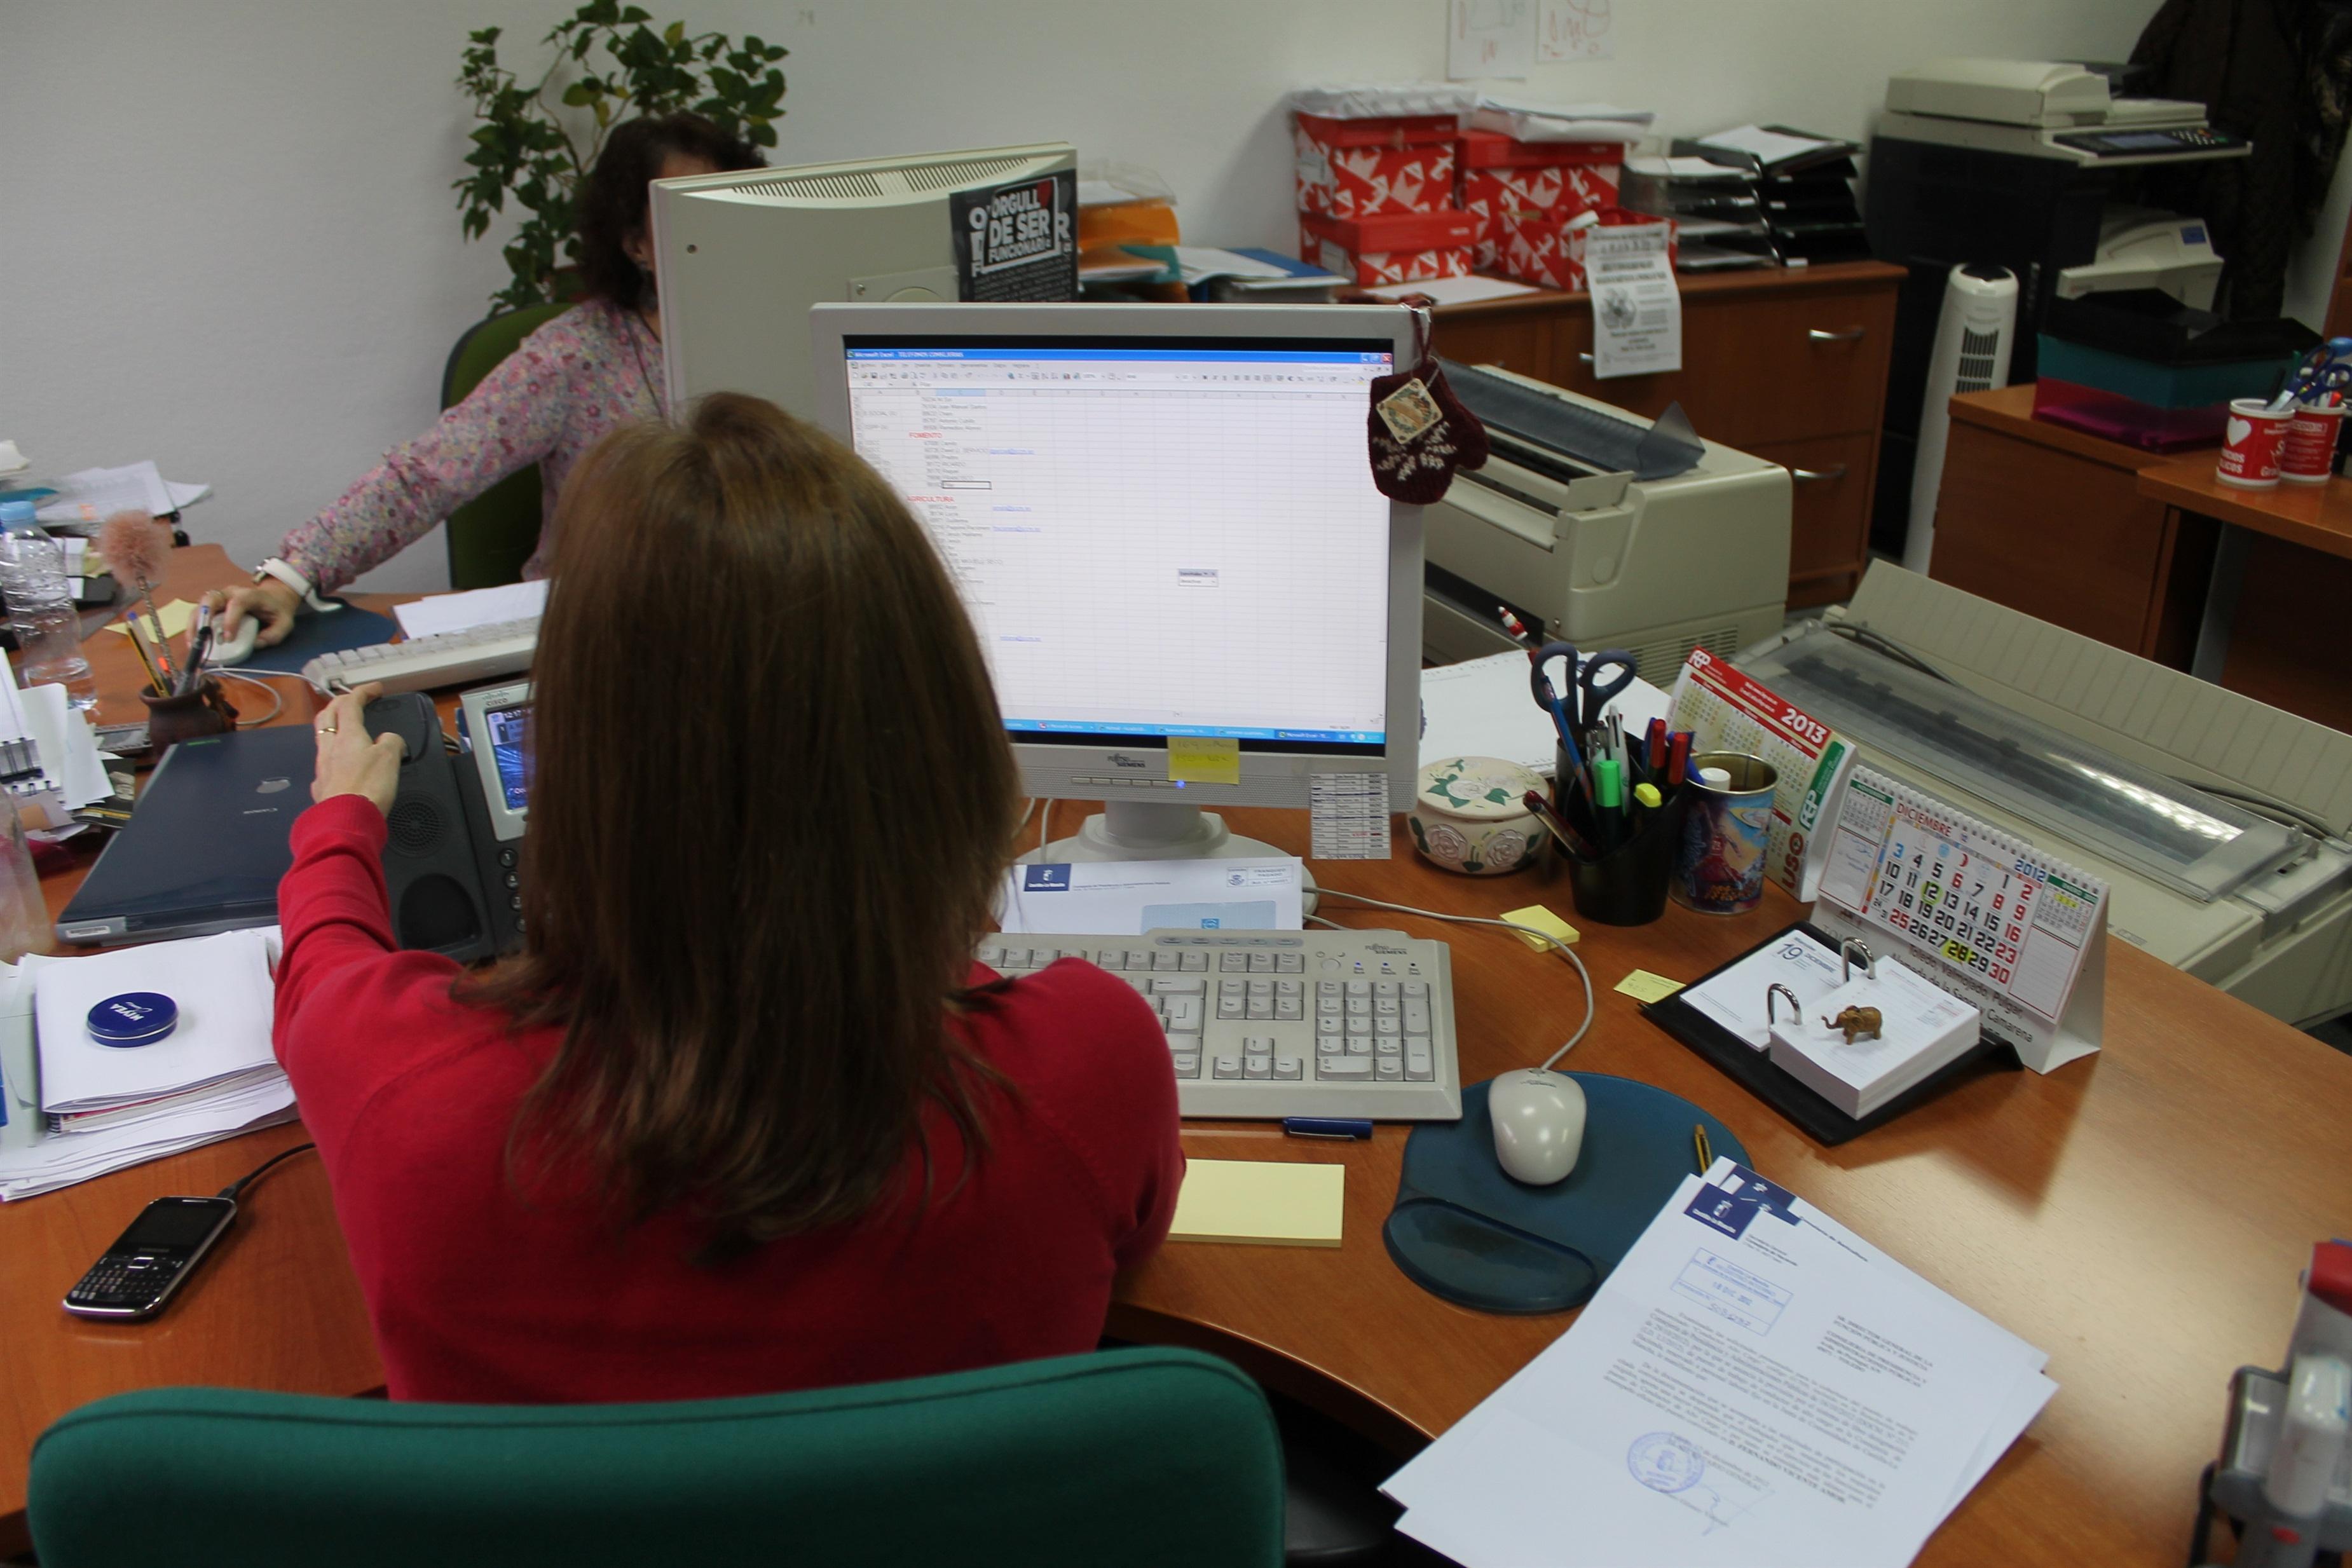 Los medios de comunicación retroceden posiciones como páginas más visitadas en Euskadi en comparación con 2012